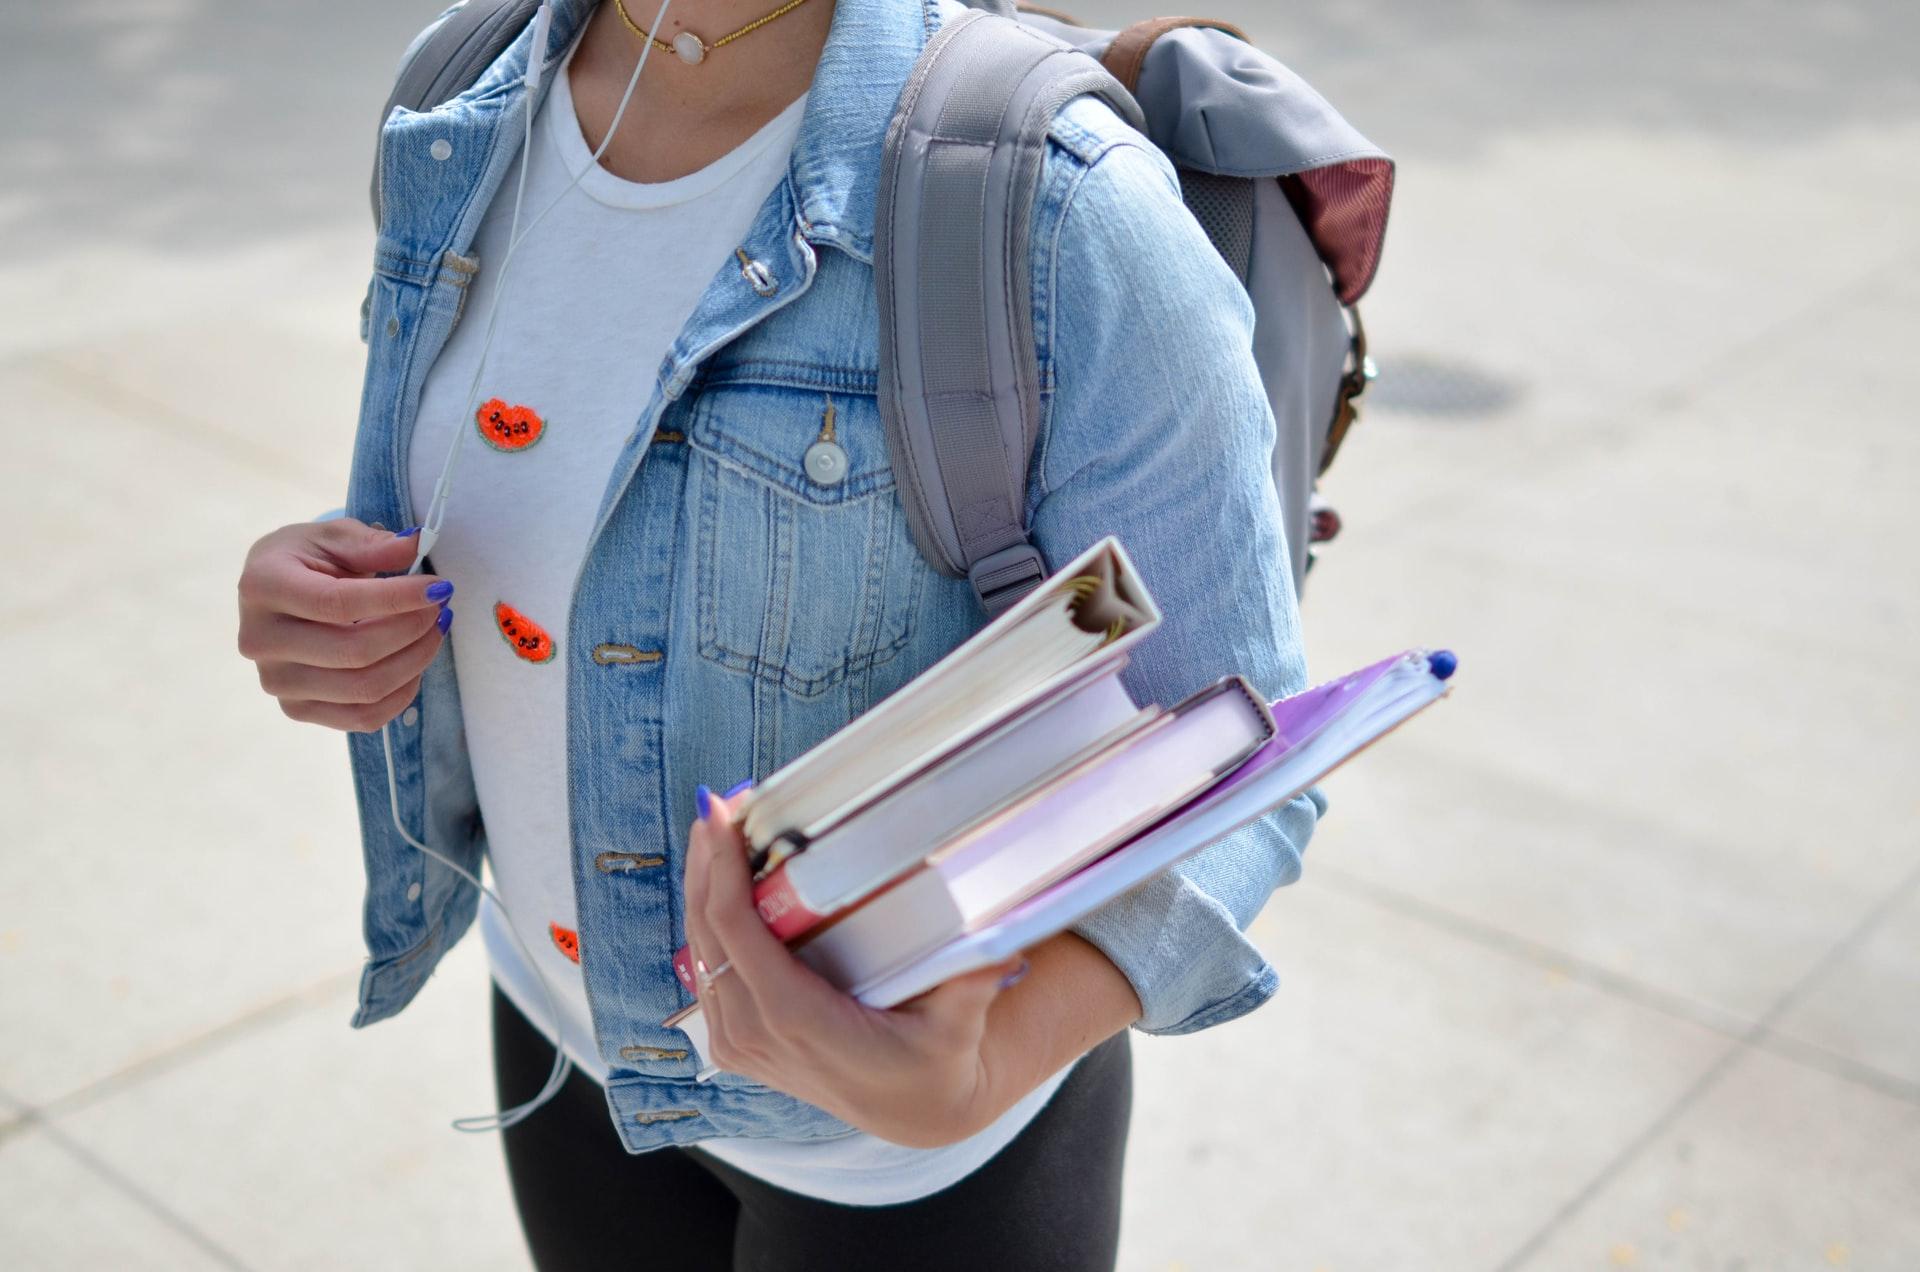 La educación post-secundaria está costando igual online o hasta más que en formato presencial